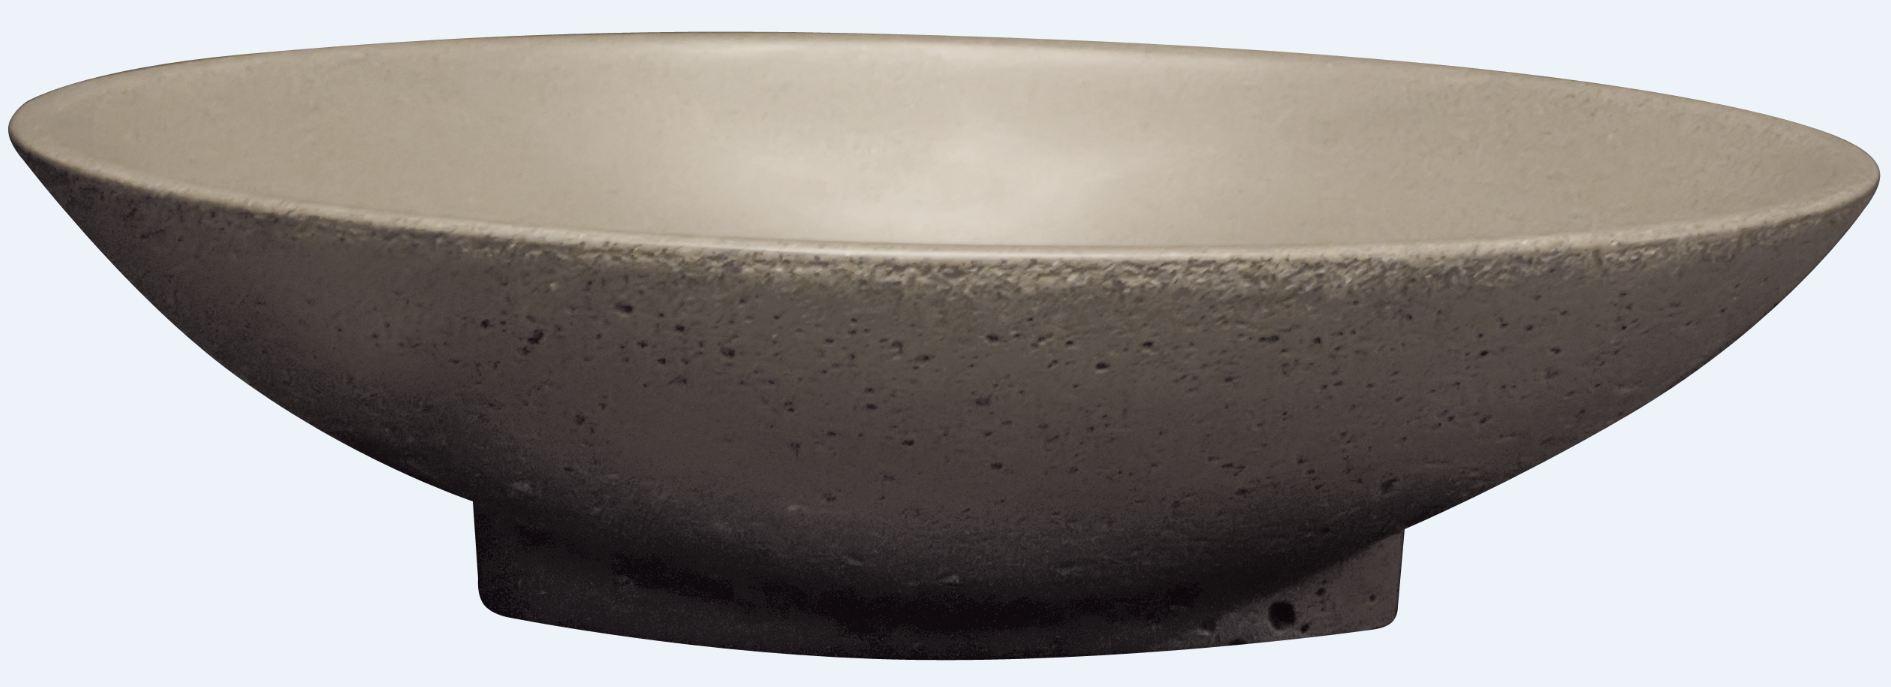 Adw aquastone elisse opbouw waskom klik op afbeelding of link om te bestellen bij max4home.nl